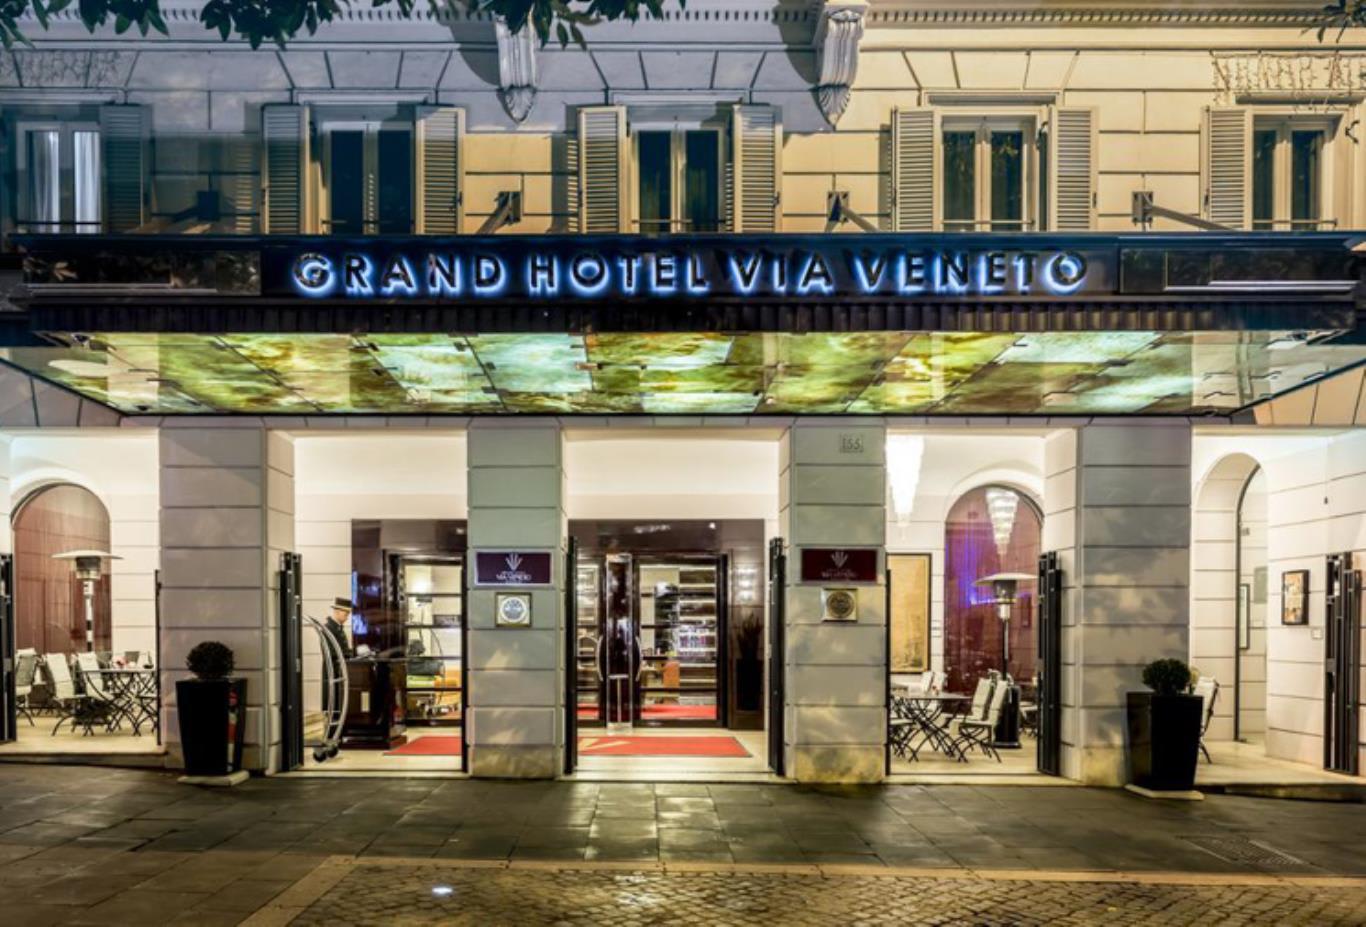 Grand Hotel Via Veneto exterior